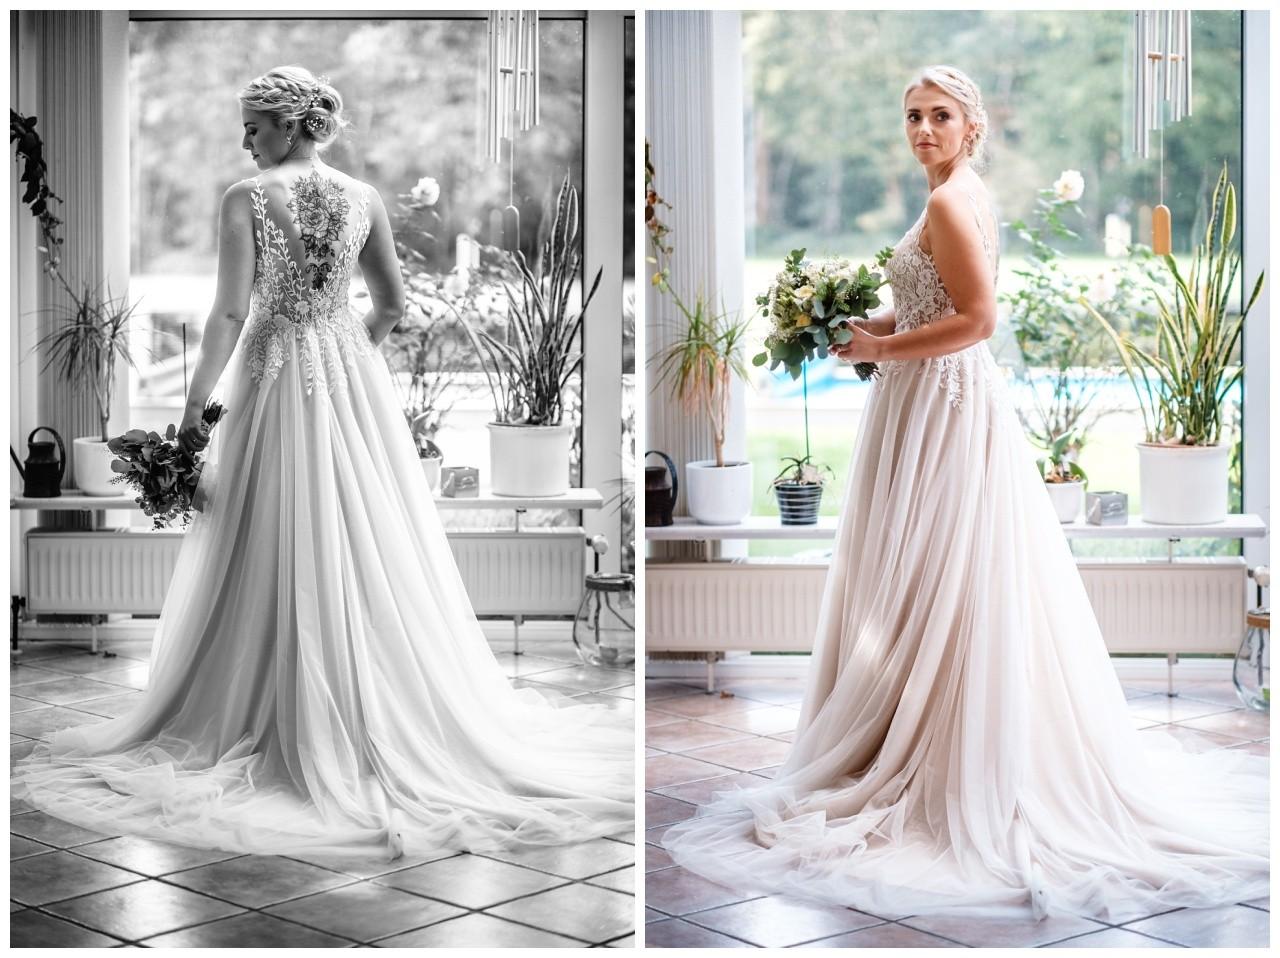 Gartenhochzeit hochzeit garten draussen fotograf corona hochzeitsfotograf 29 - DIY Hochzeit im Garten